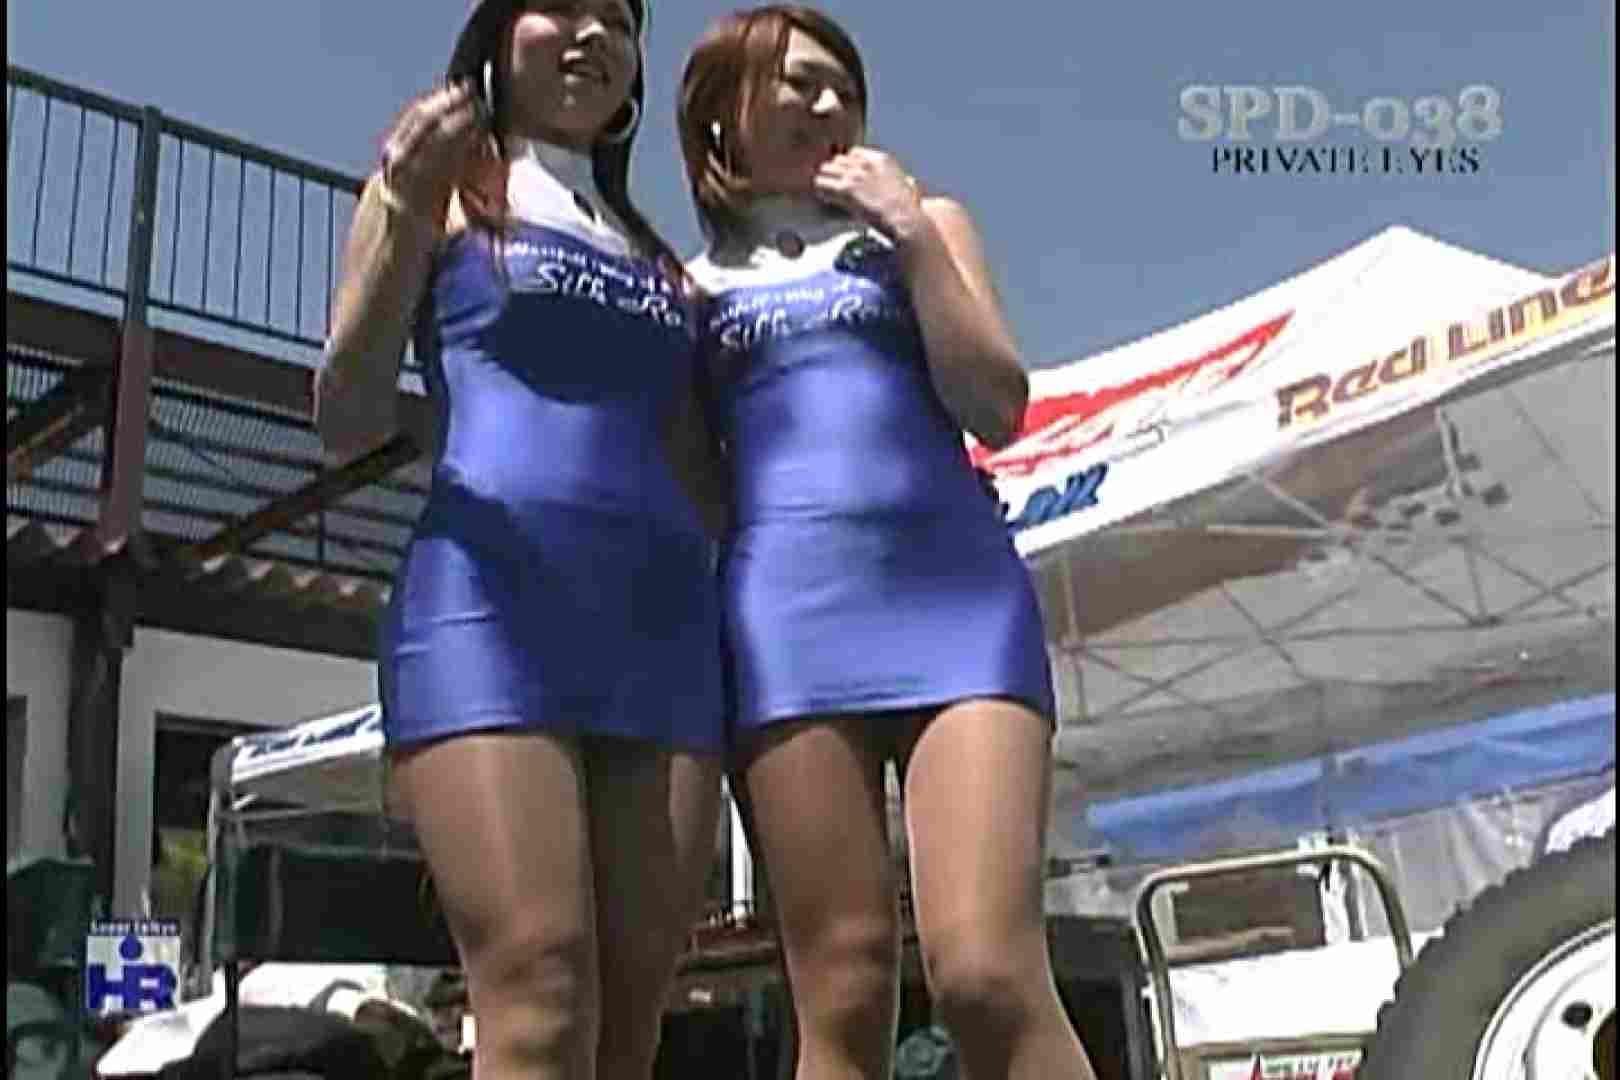 高画質版!SPD-038 サーキットの女神達 仙台ハイランドレースウェイ 0 | 0  99連発 29